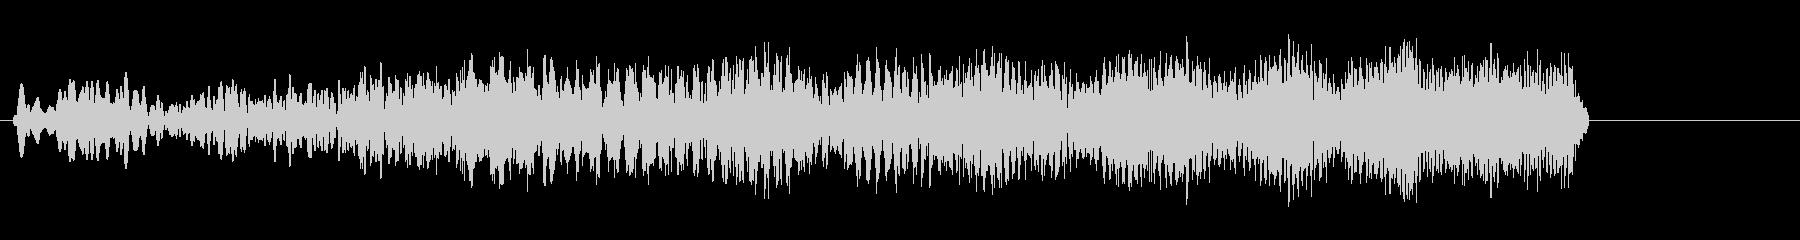 チュワーン(アップ系)の未再生の波形